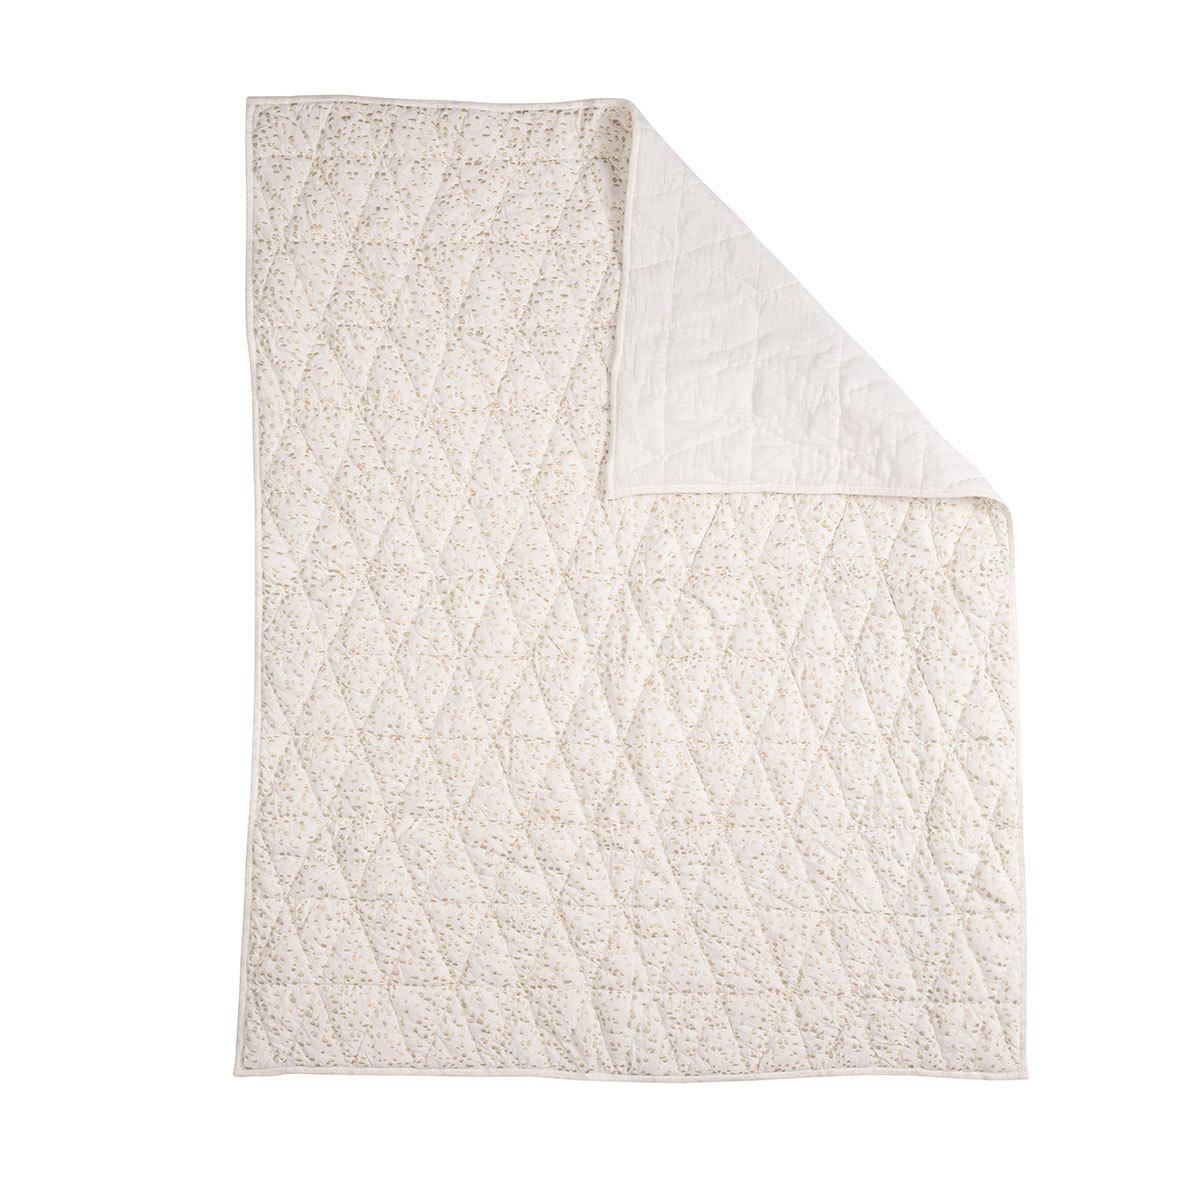 Linge de lit Couverture Confetti - Blanc Kids Depot - AR201907180127